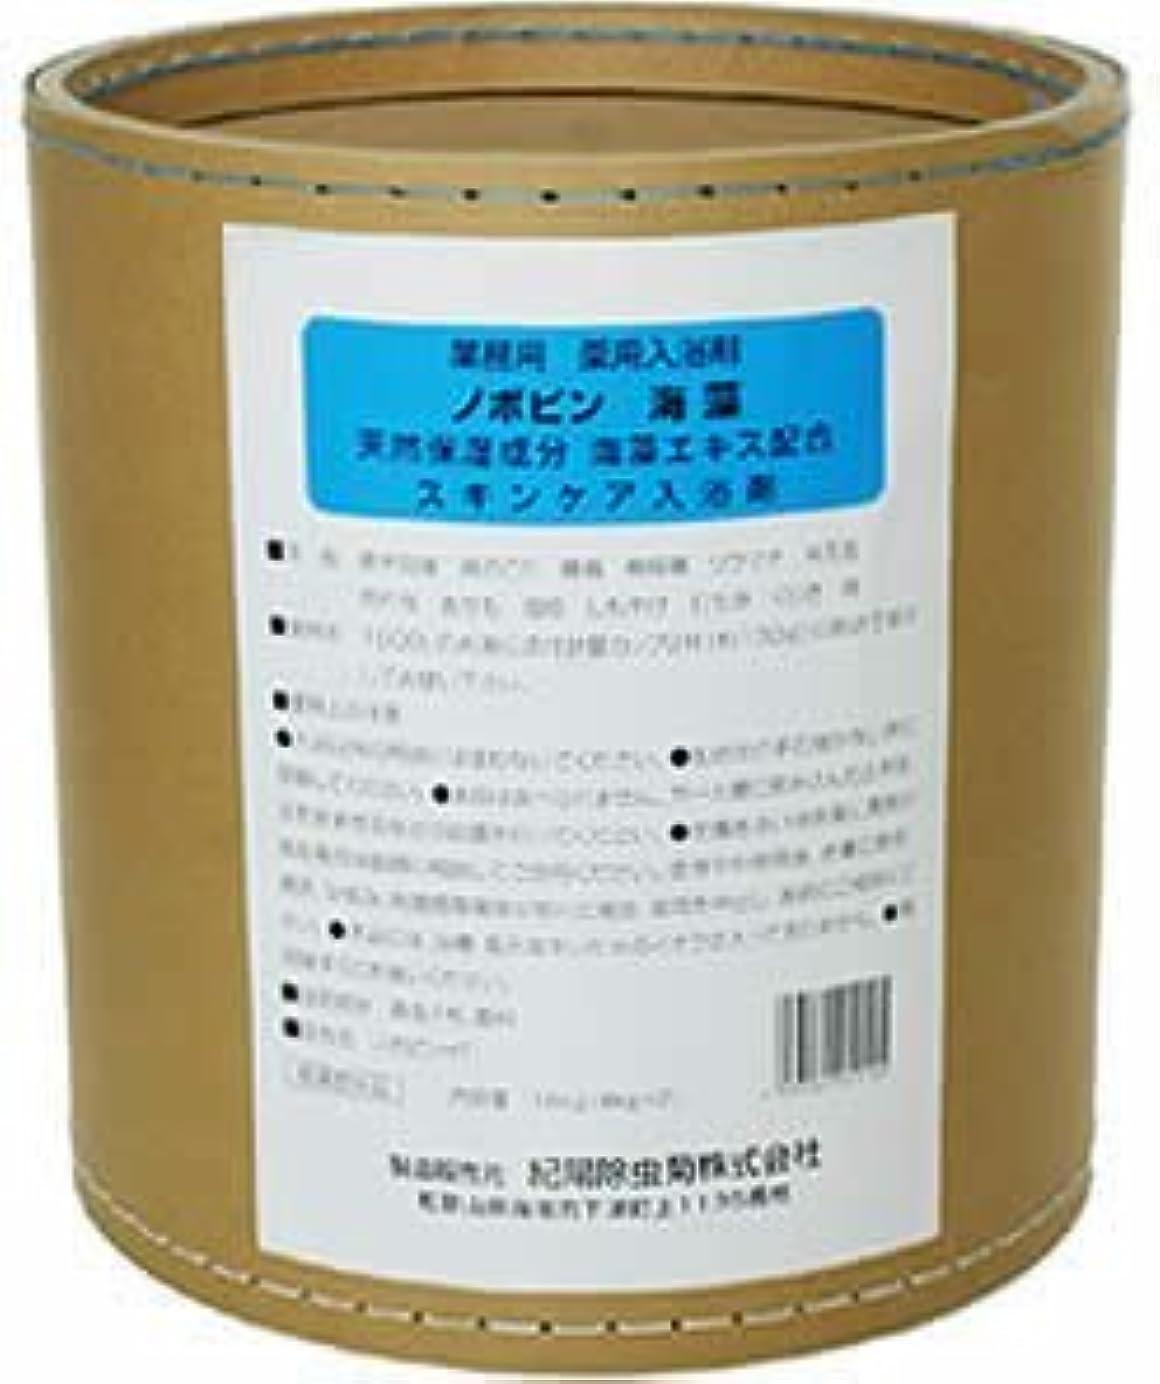 反論未使用リブ業務用 入浴剤 ノボピン 海藻 16kg(8kg*2)